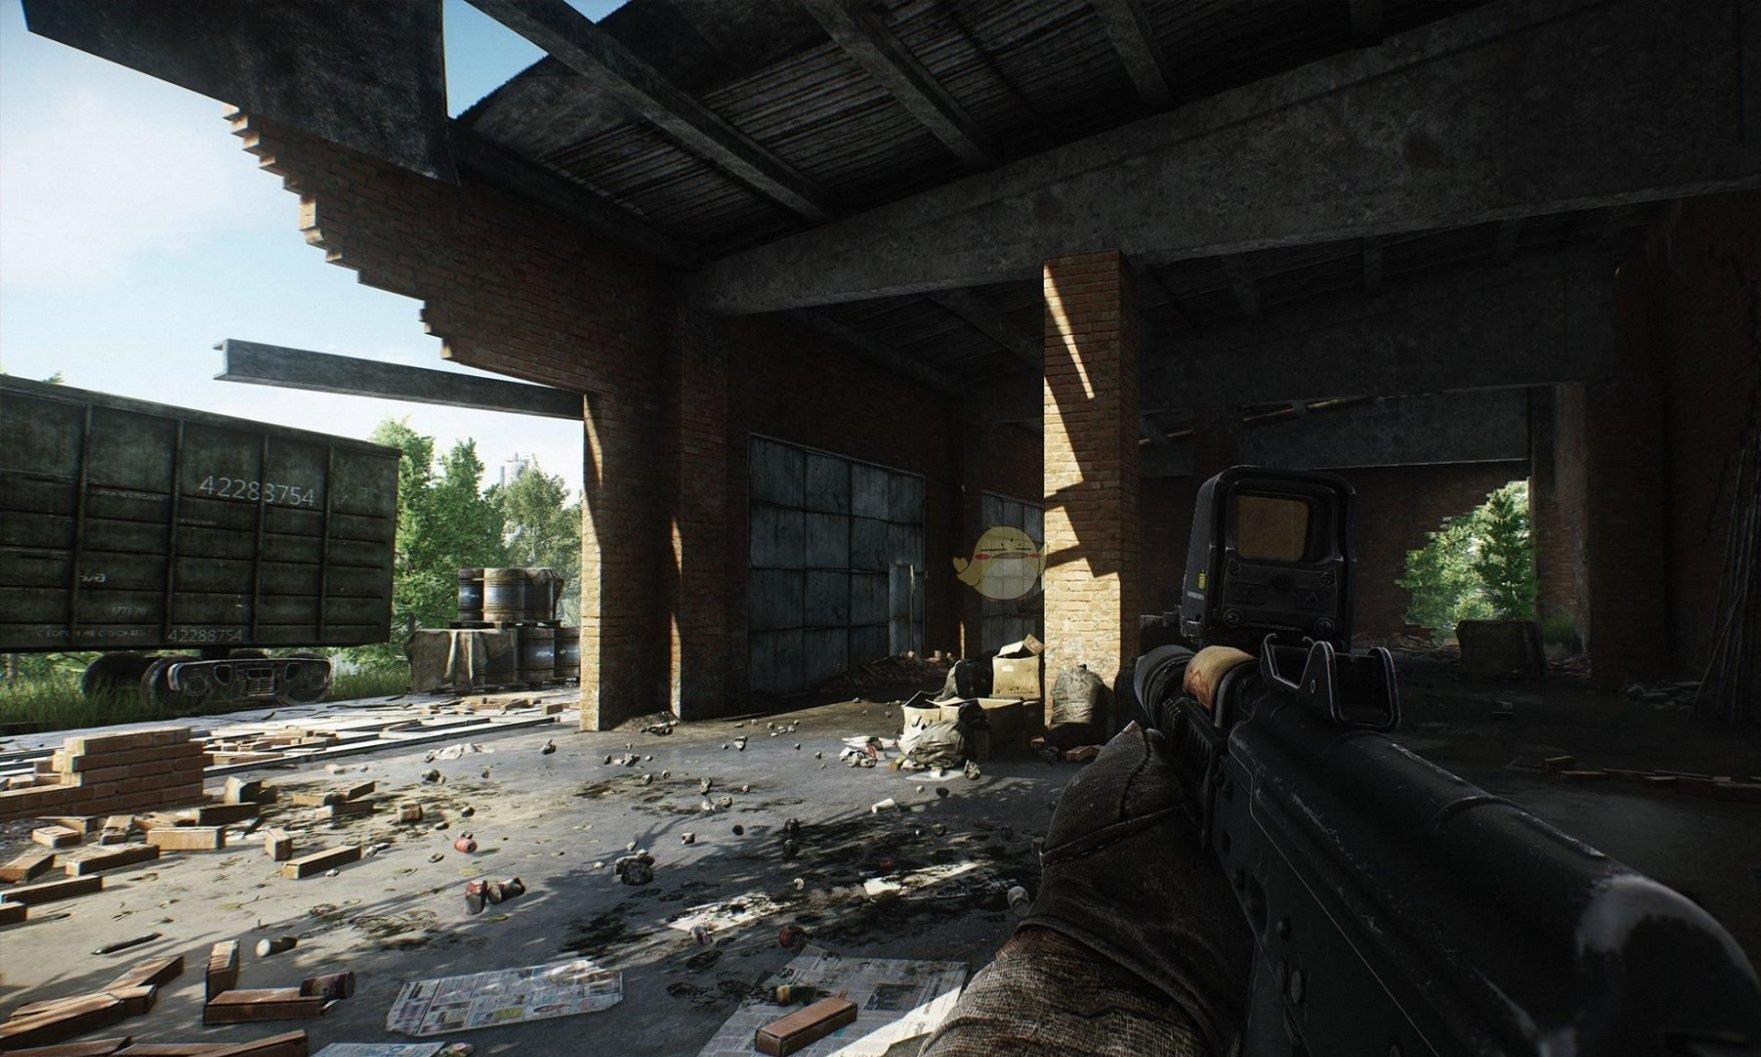 《逃离塔科夫》雷明顿Modol700狙击步枪改枪任务参考分享